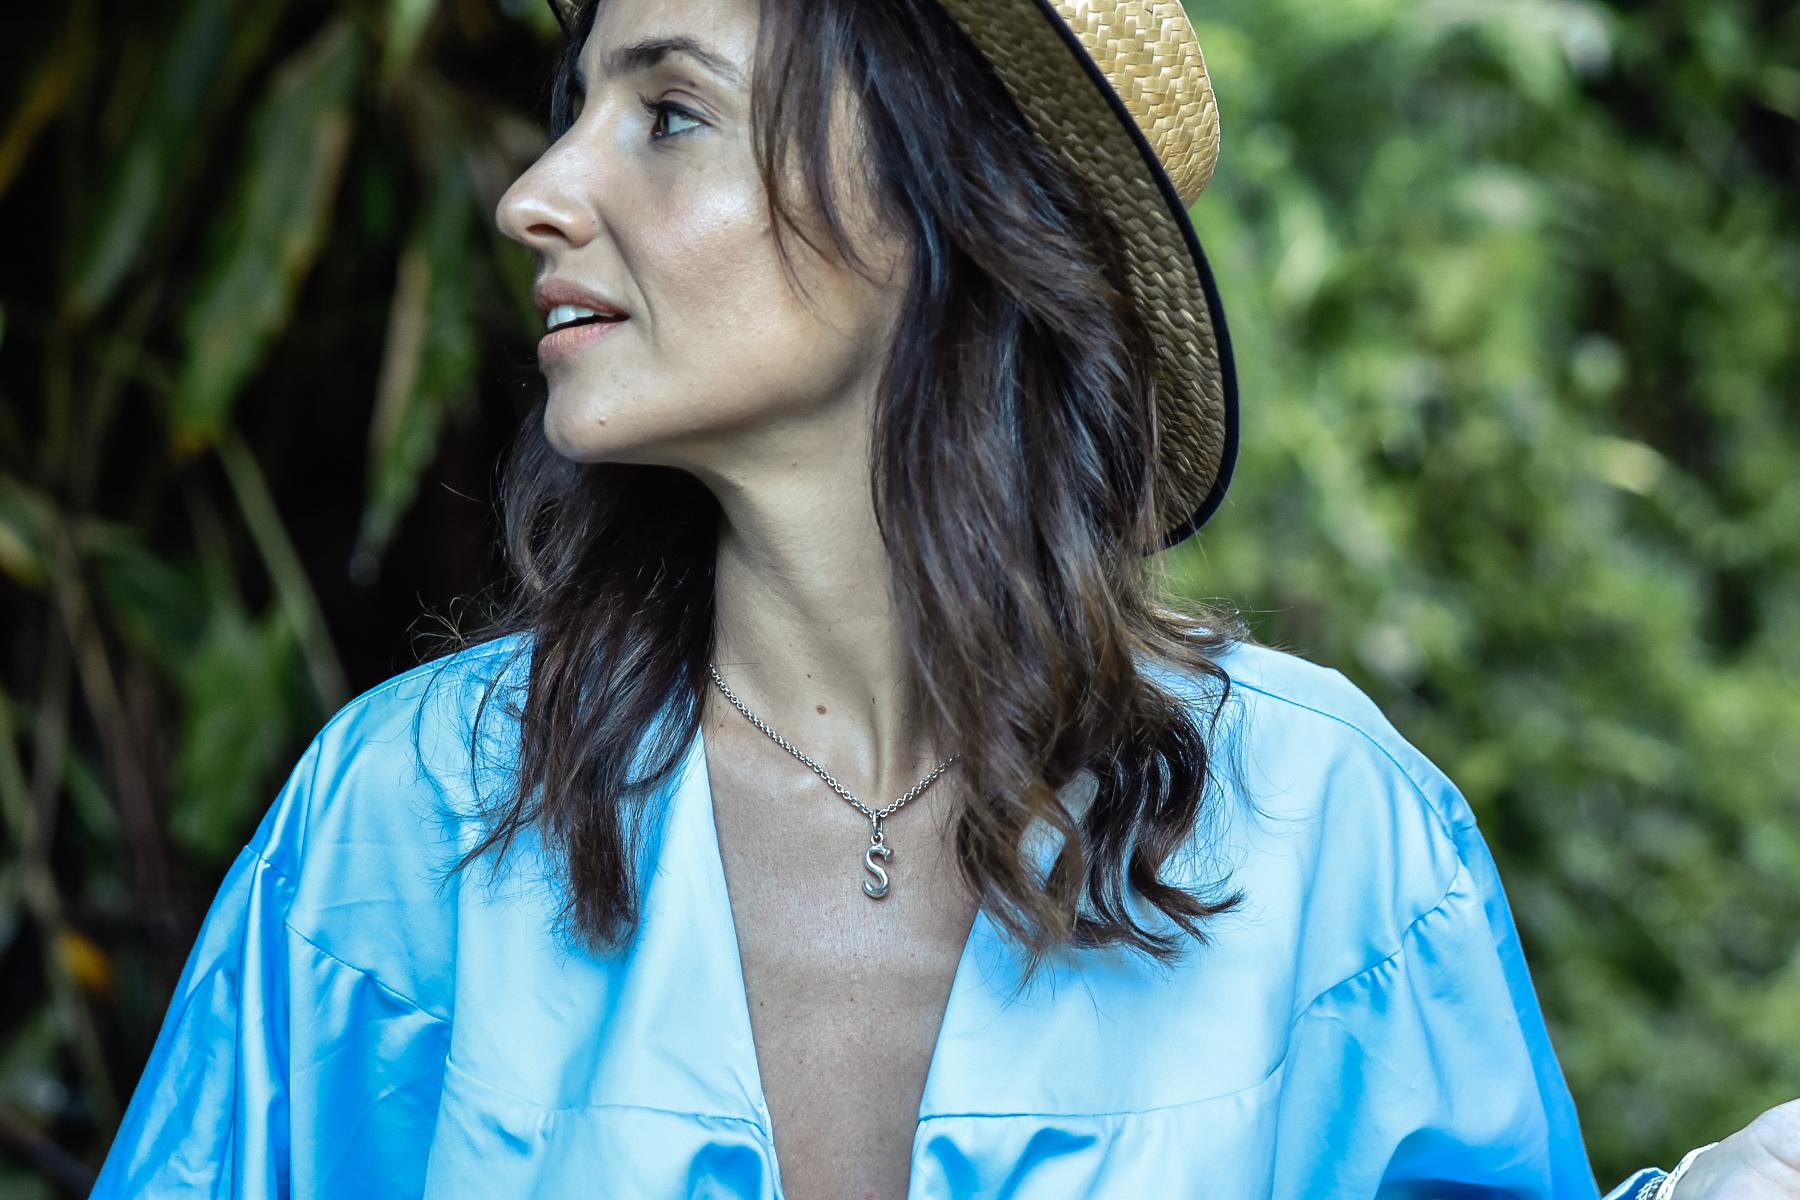 el-blog-de-silvia-blusa-azul-viaje-hawaii-03